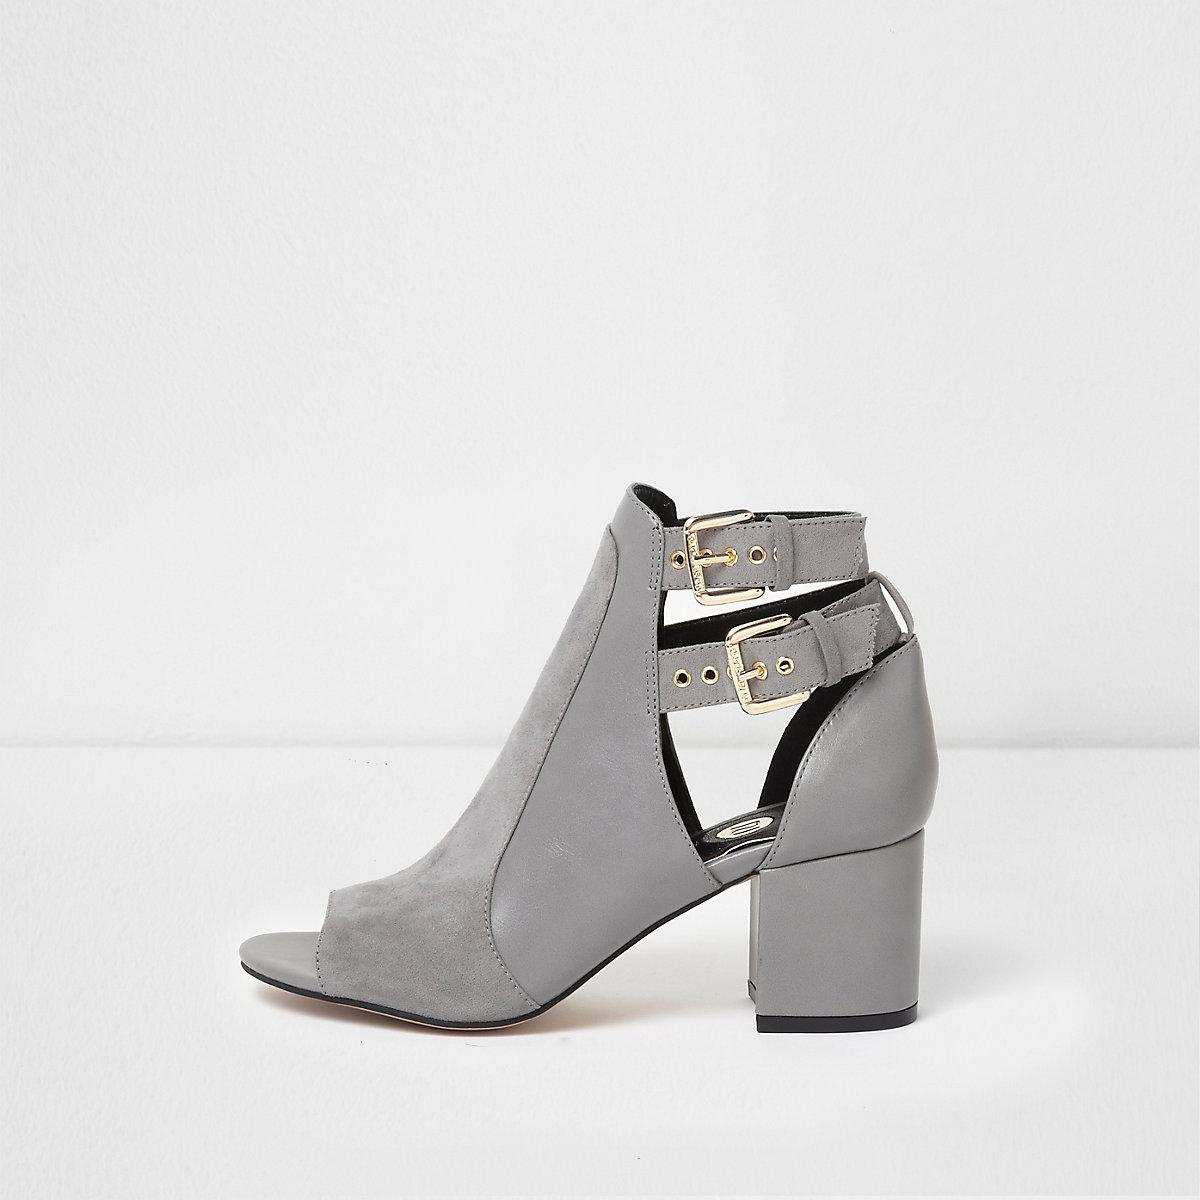 Grey double buckle peep toe shoe boots